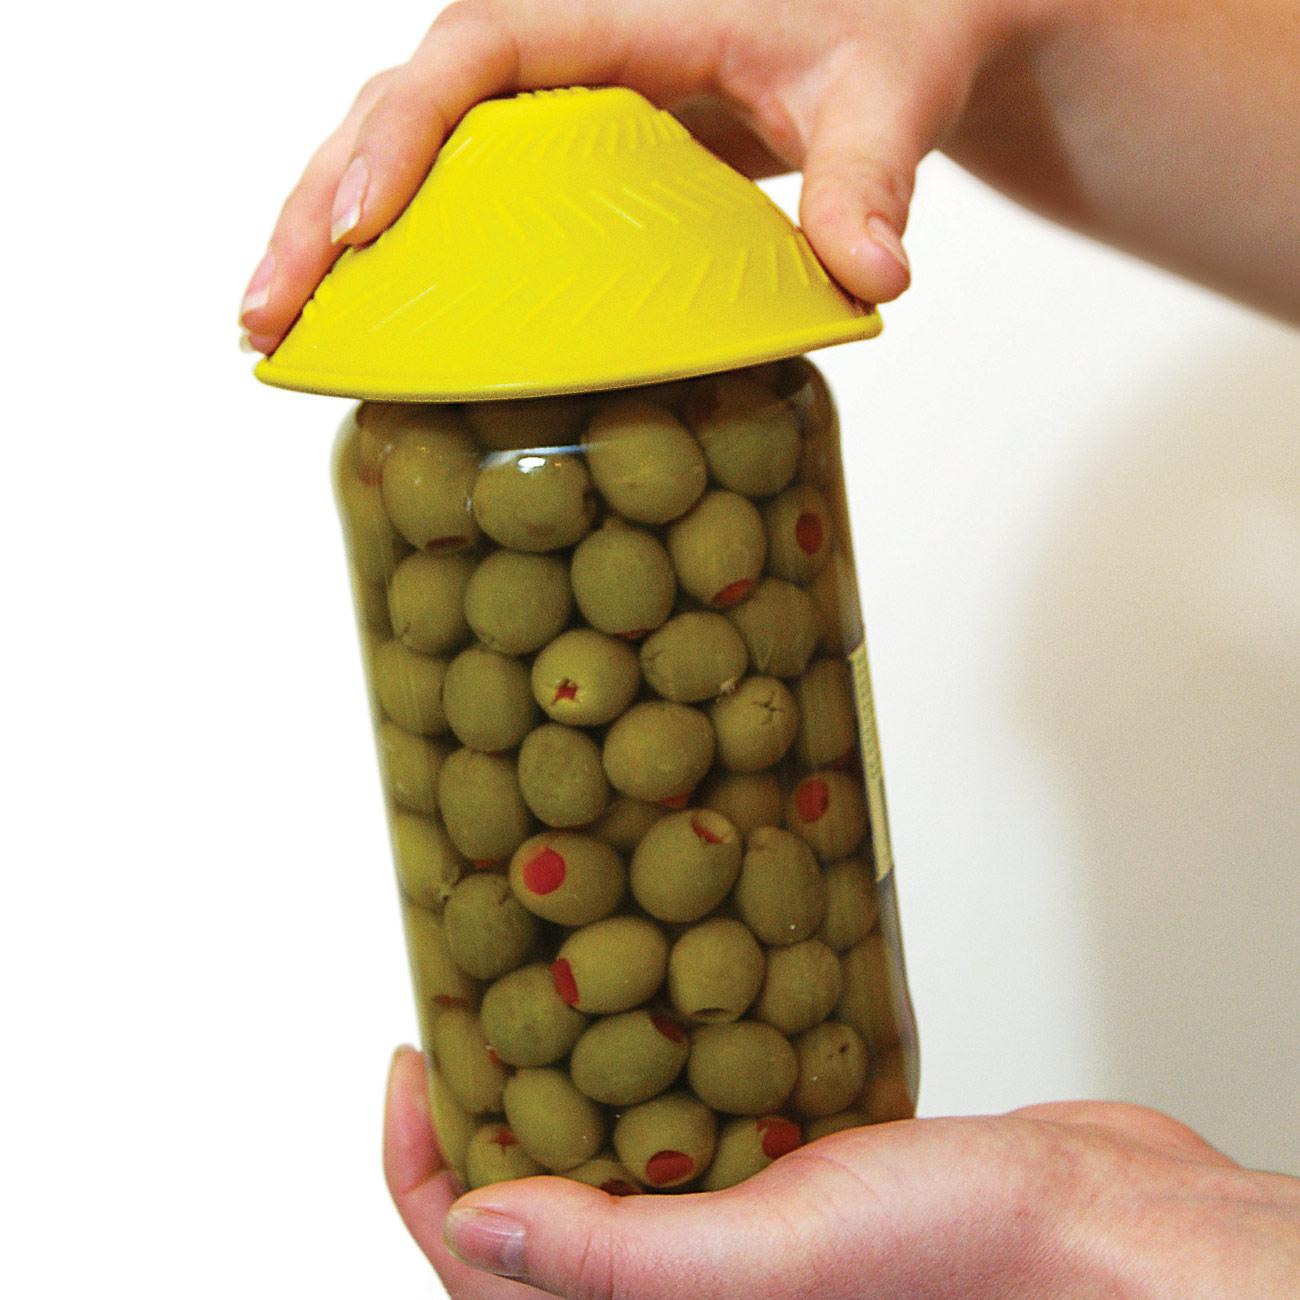 Tenura Jar Opener - Yellow